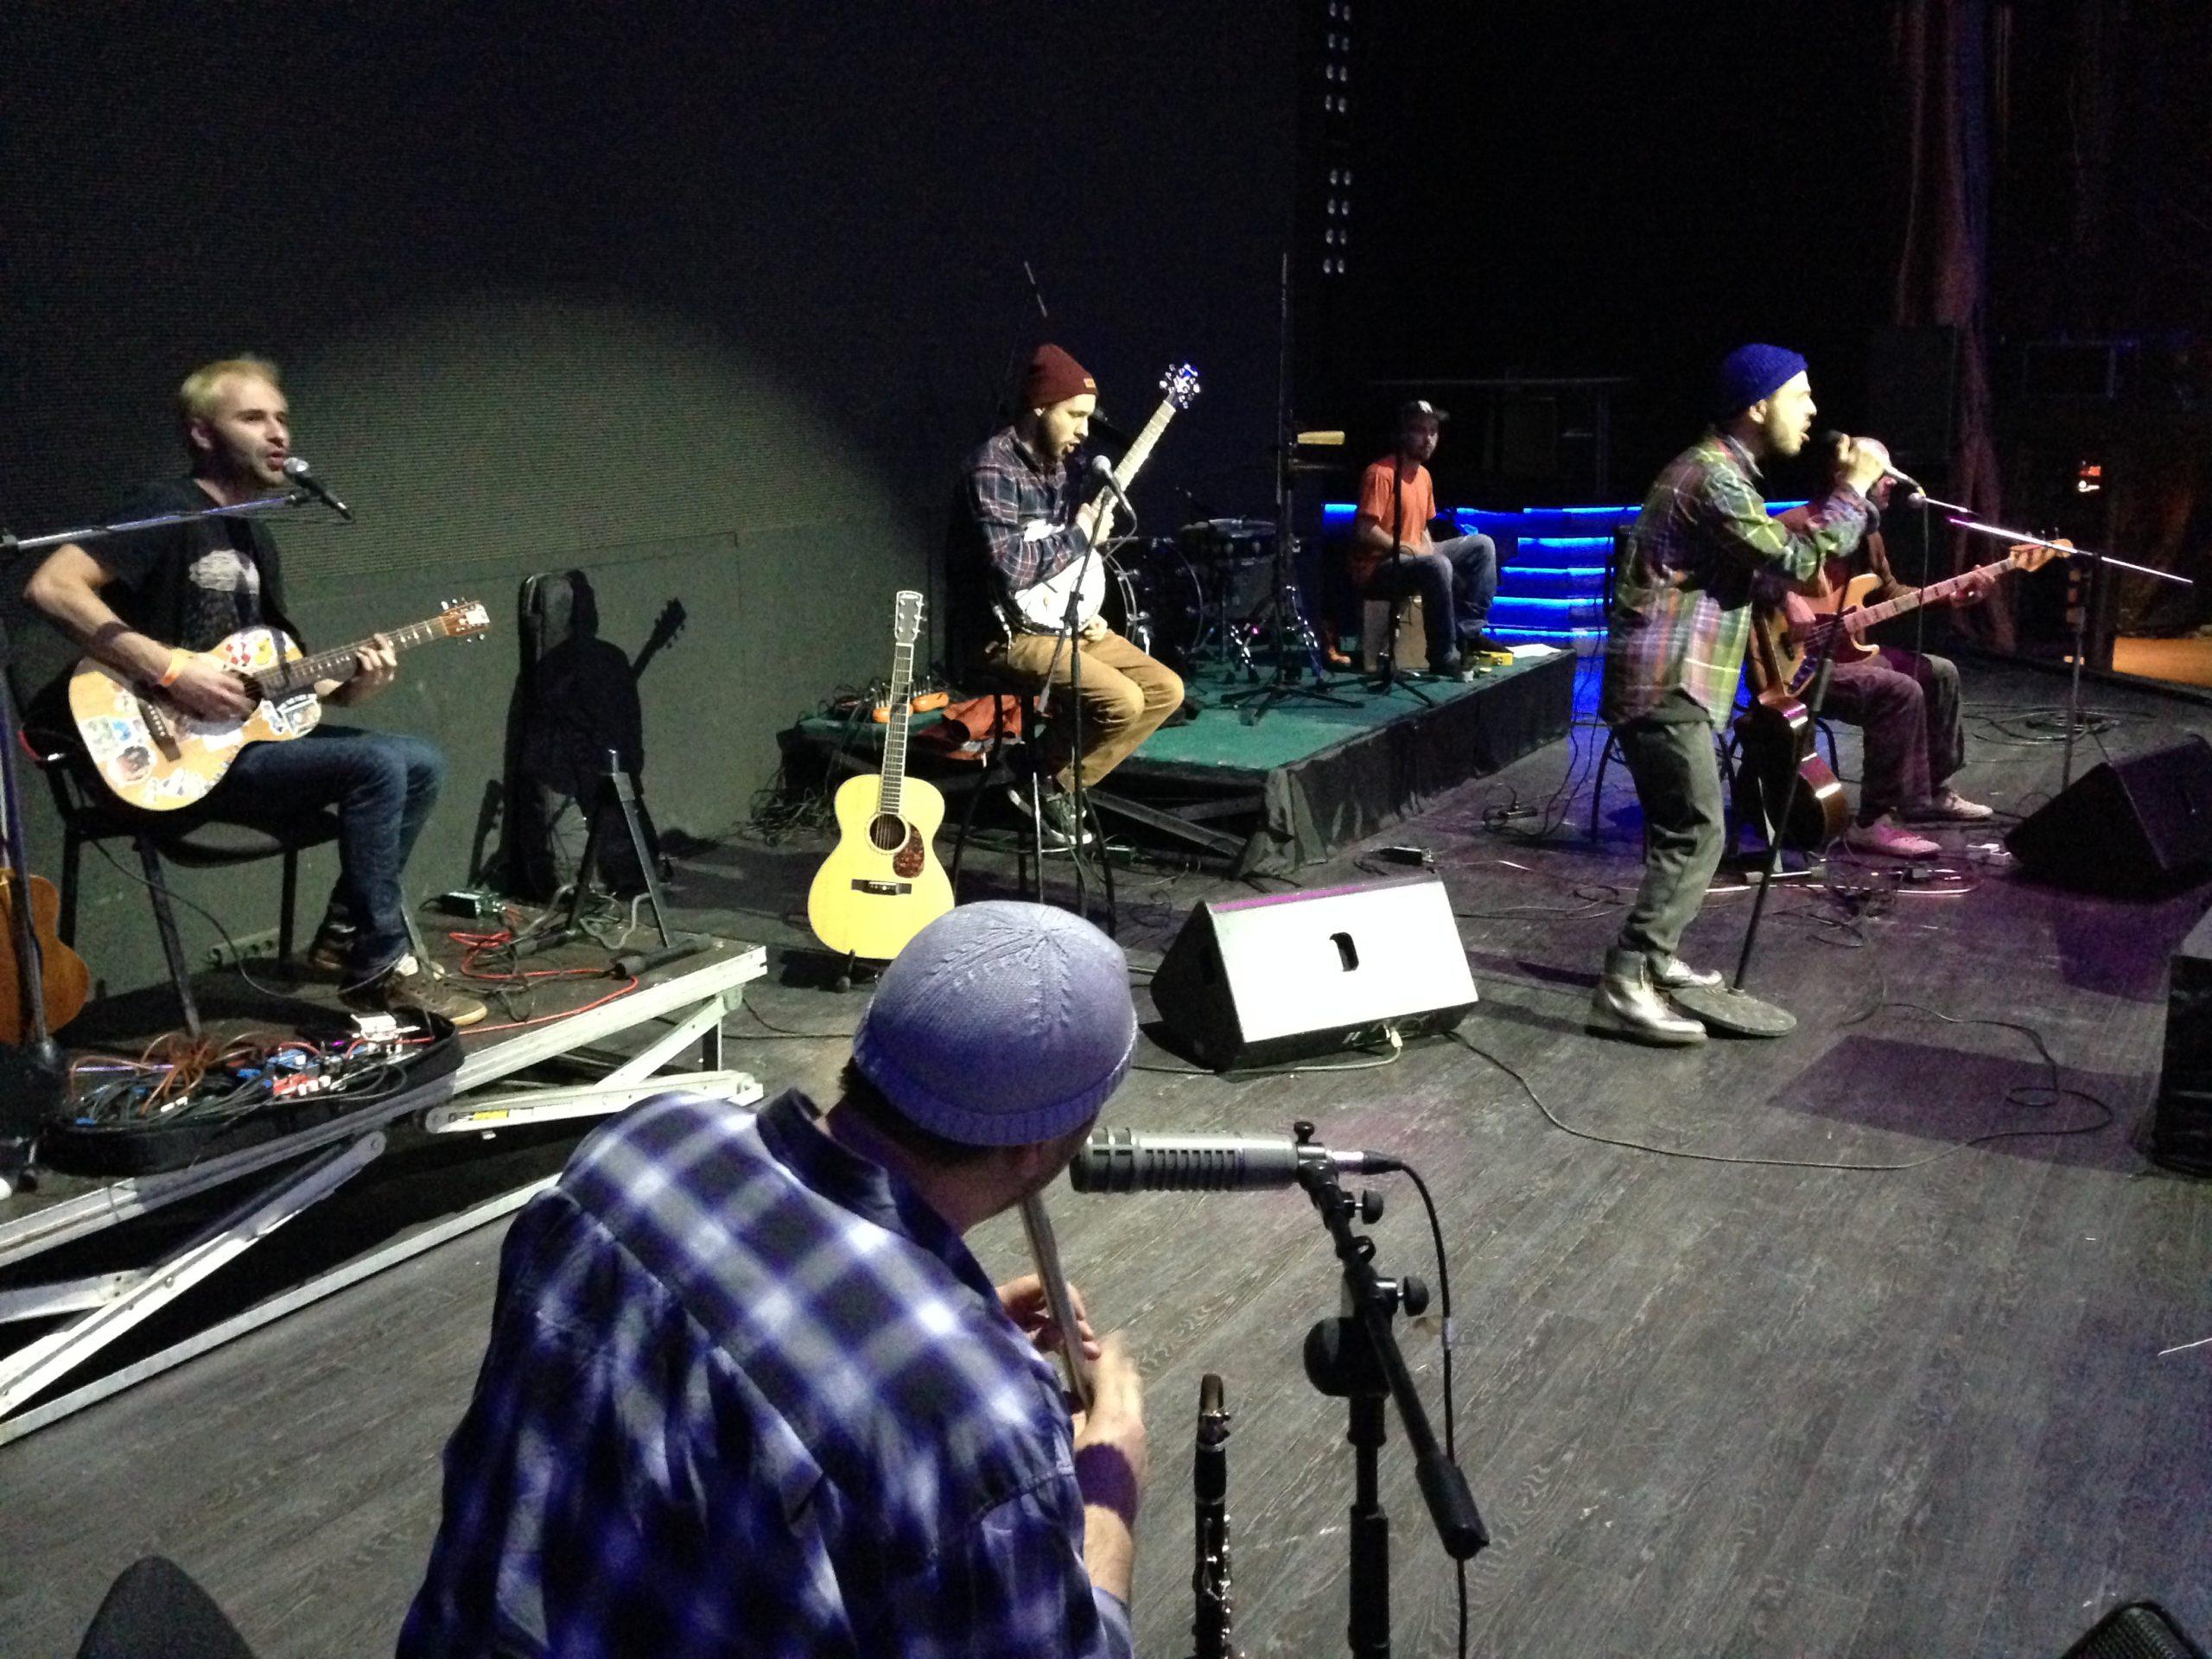 Выполнение райдера группы Sunsay на концерте в Известия Hall